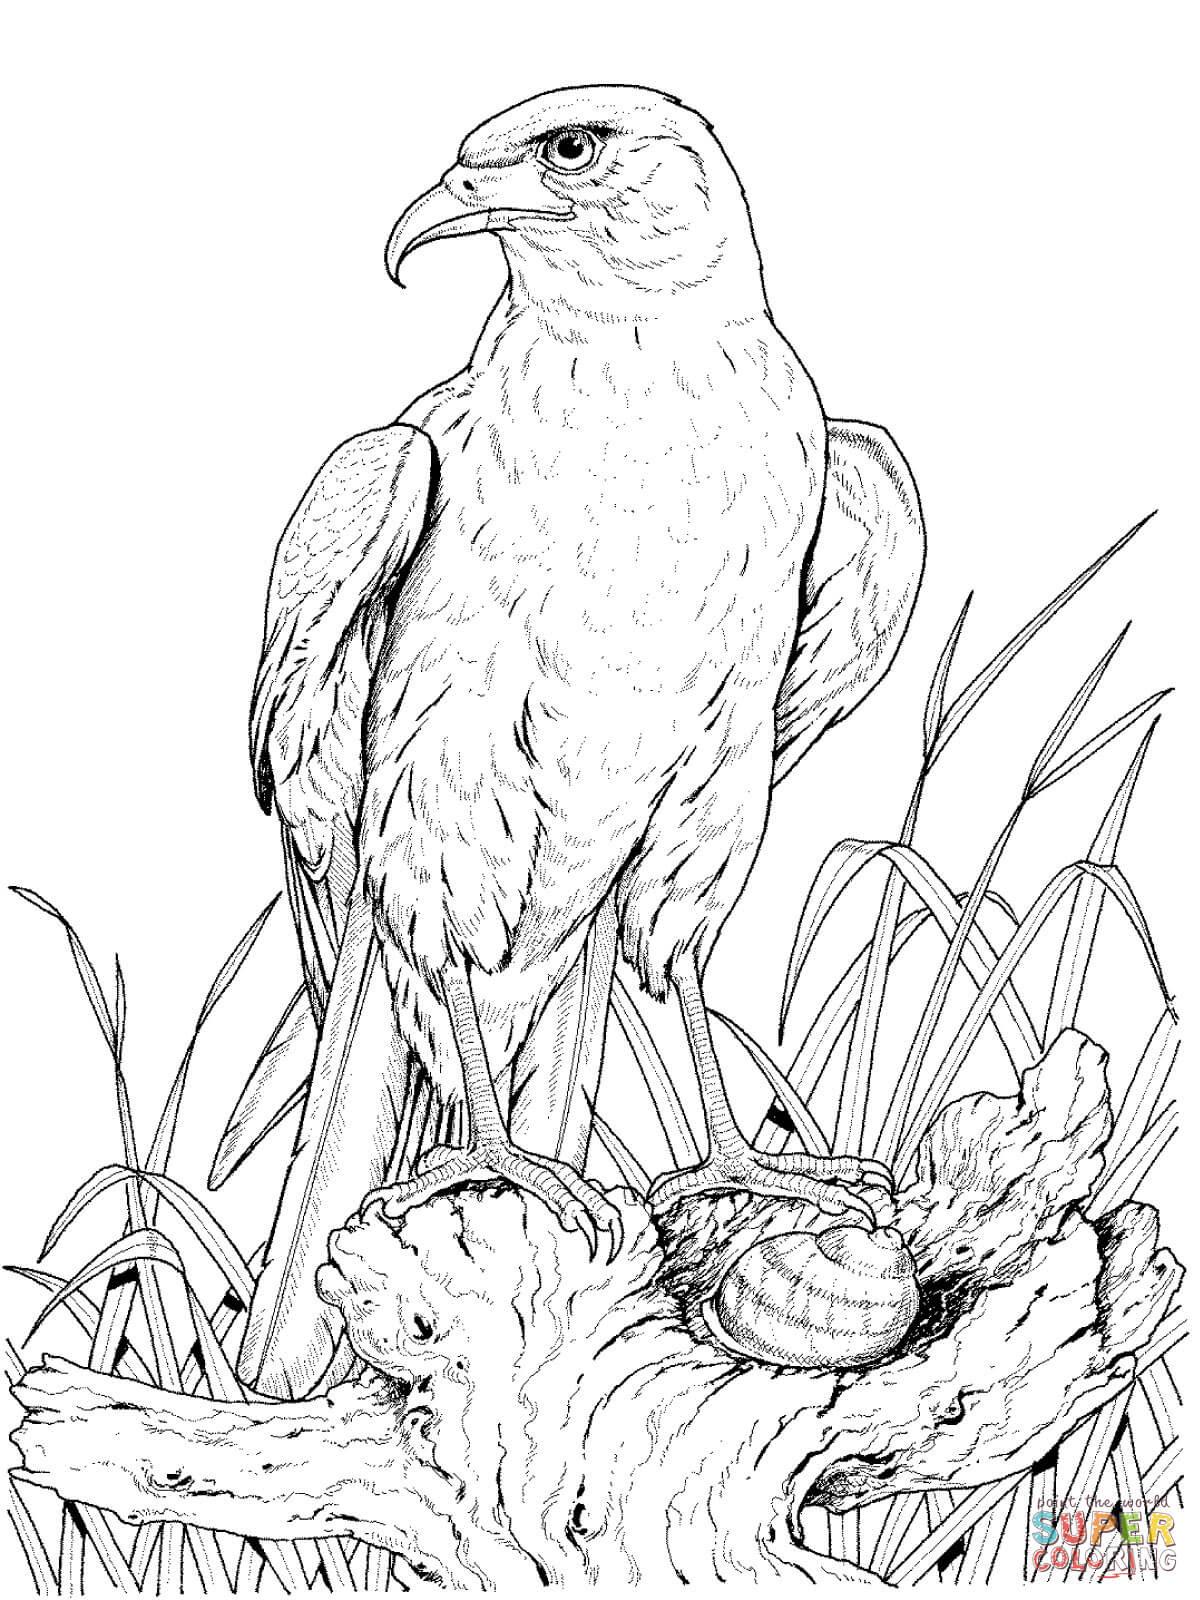 Steinadler auf Baumstumpf · Steinadler from Adler